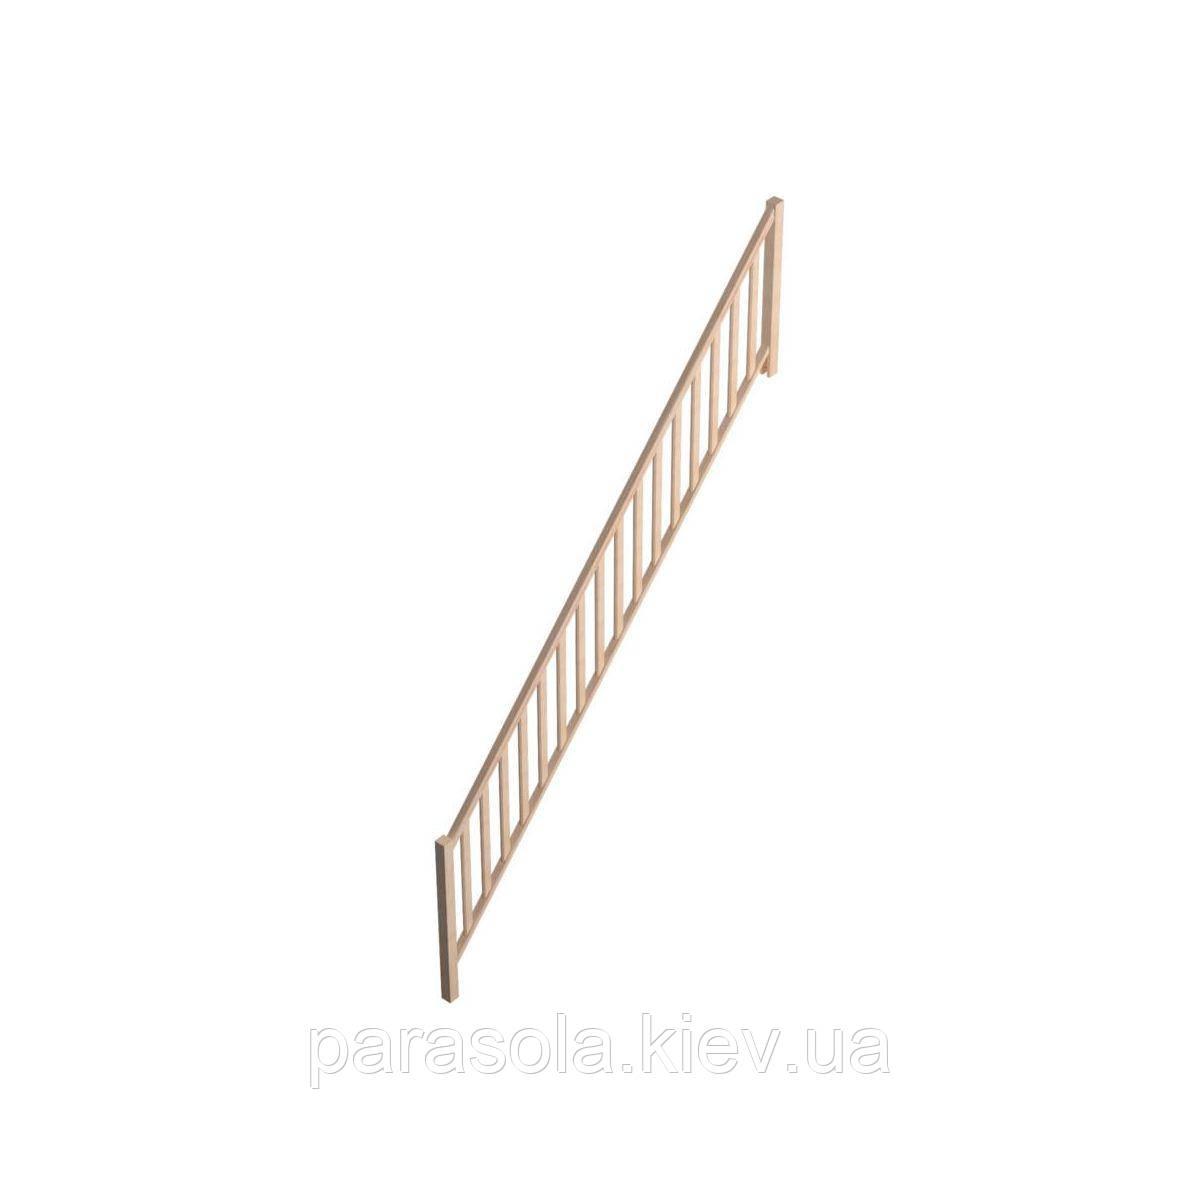 Балюстрада А Savoie деревянная для прямой лестницы